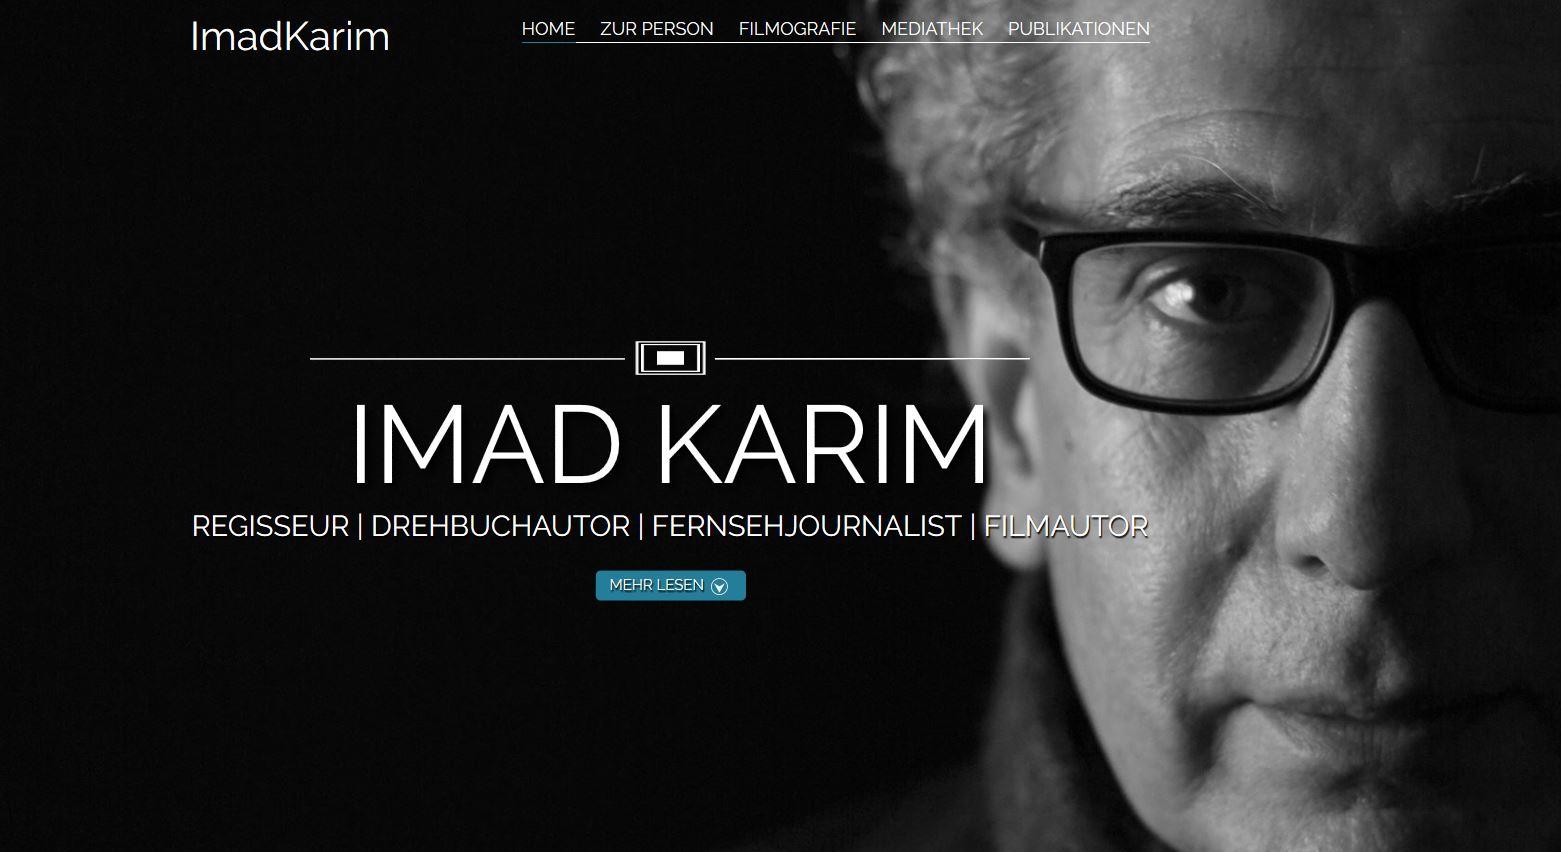 Screenshot persönliche Website von Imad Karim